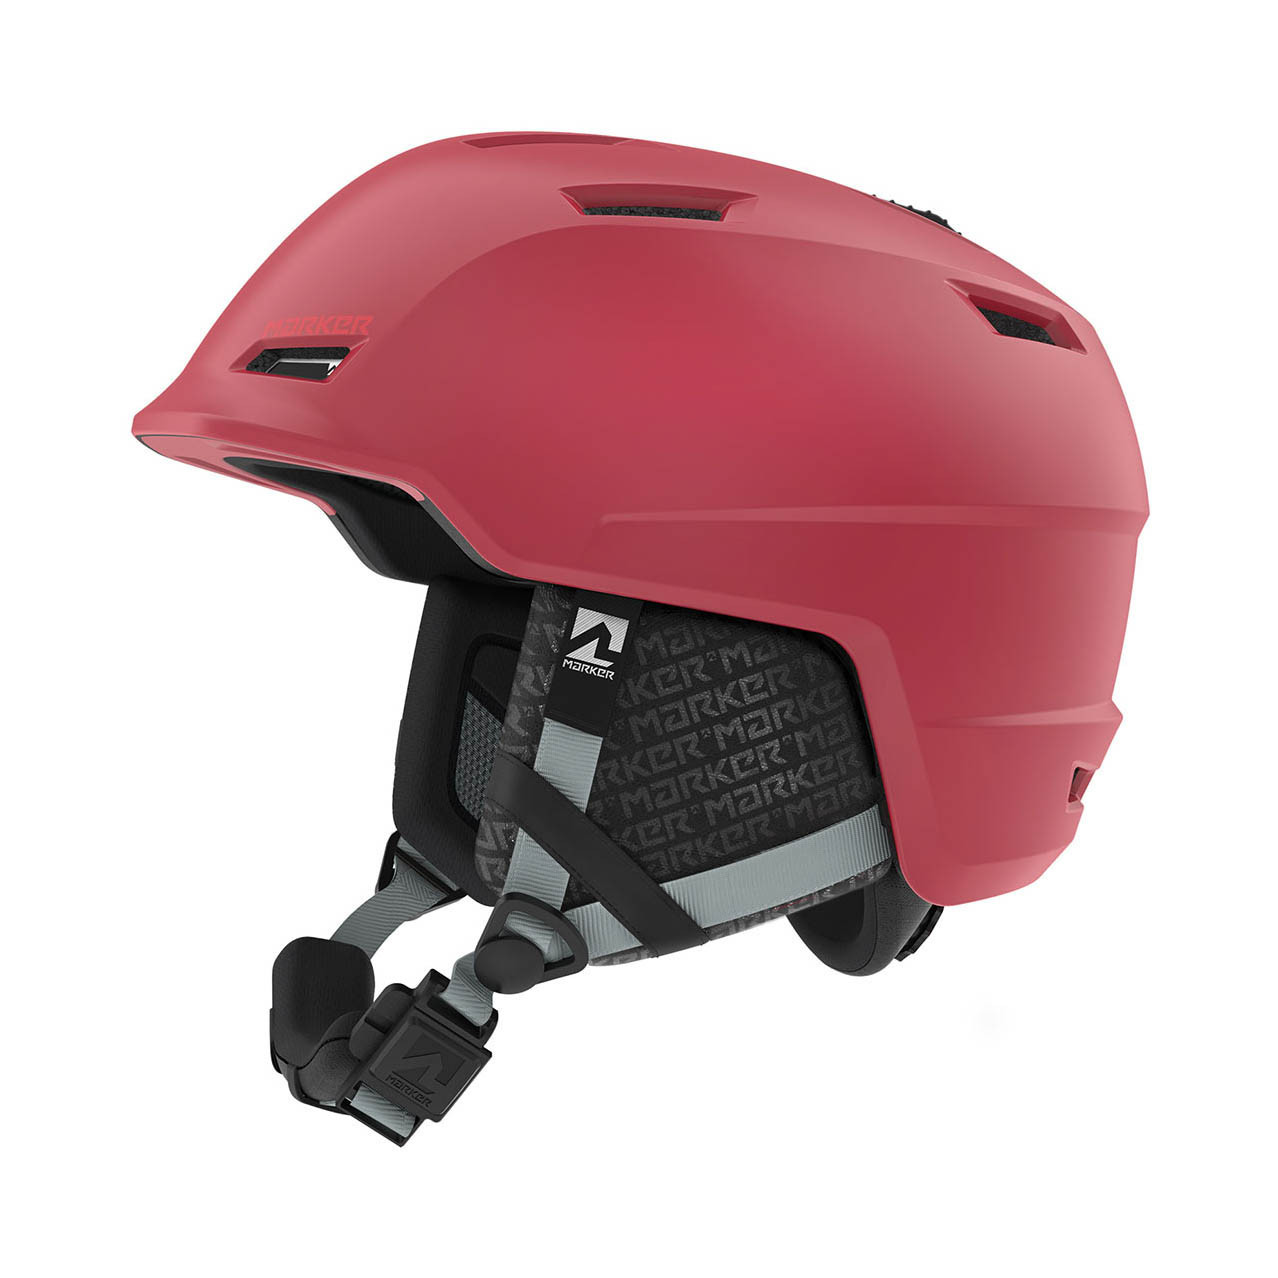 Шлем горнолыжный Marker Consort 2.0 L / Горнолыжные шлемы